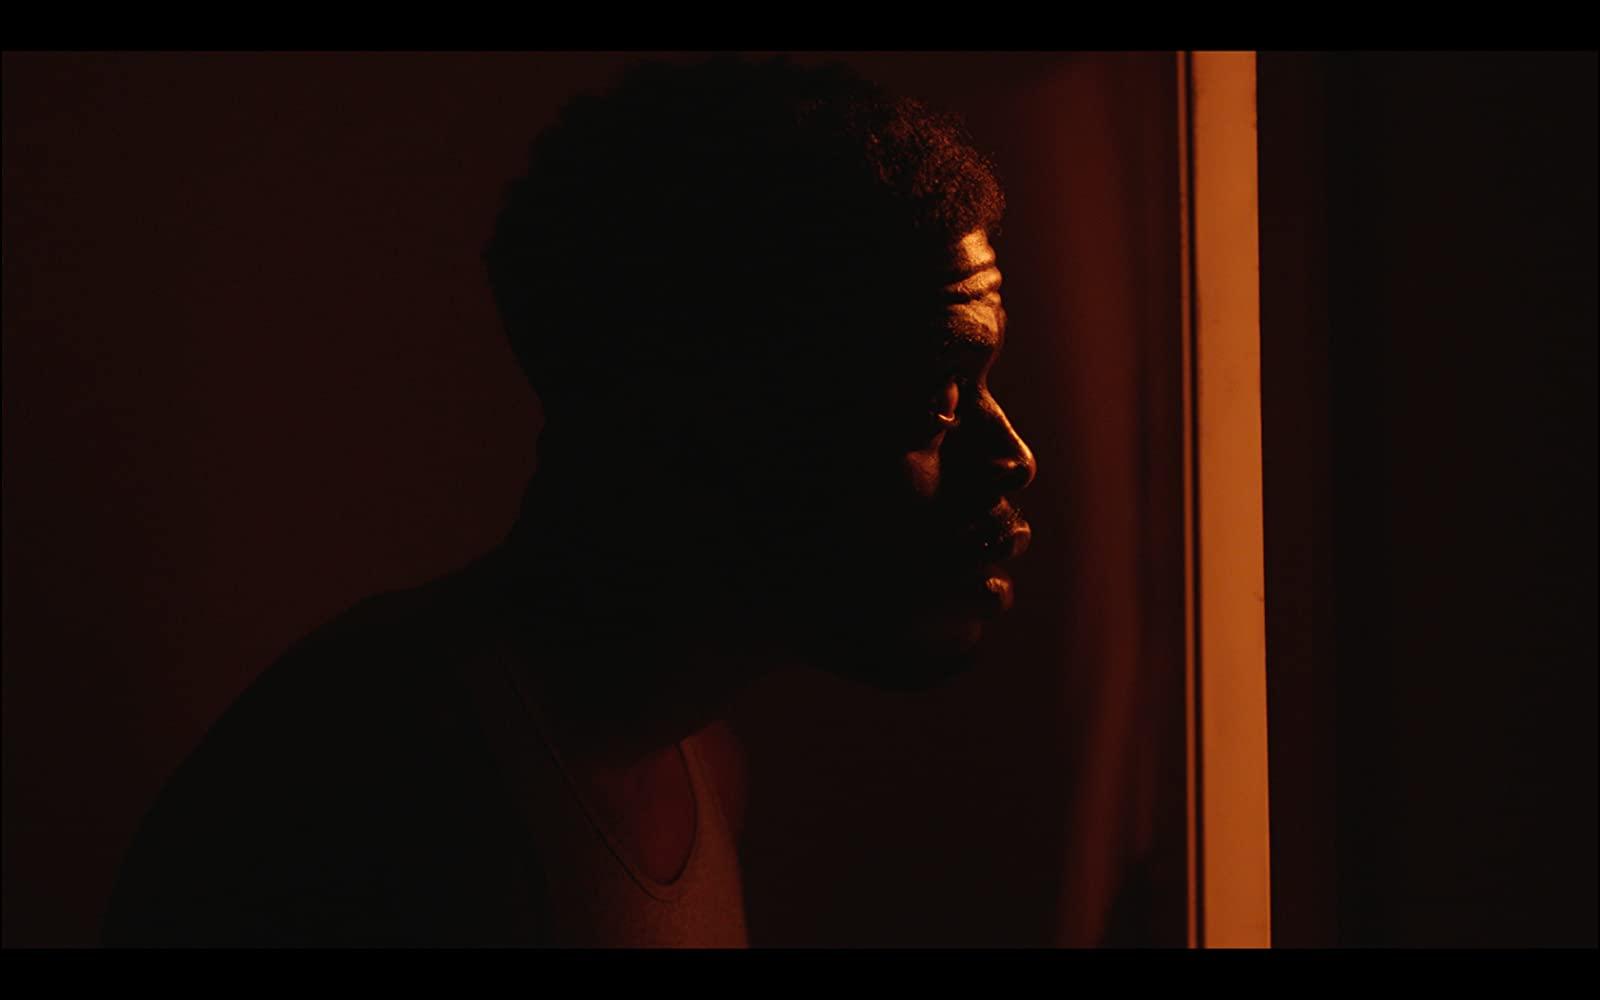 دانلود فیلم درام Residue (2020)